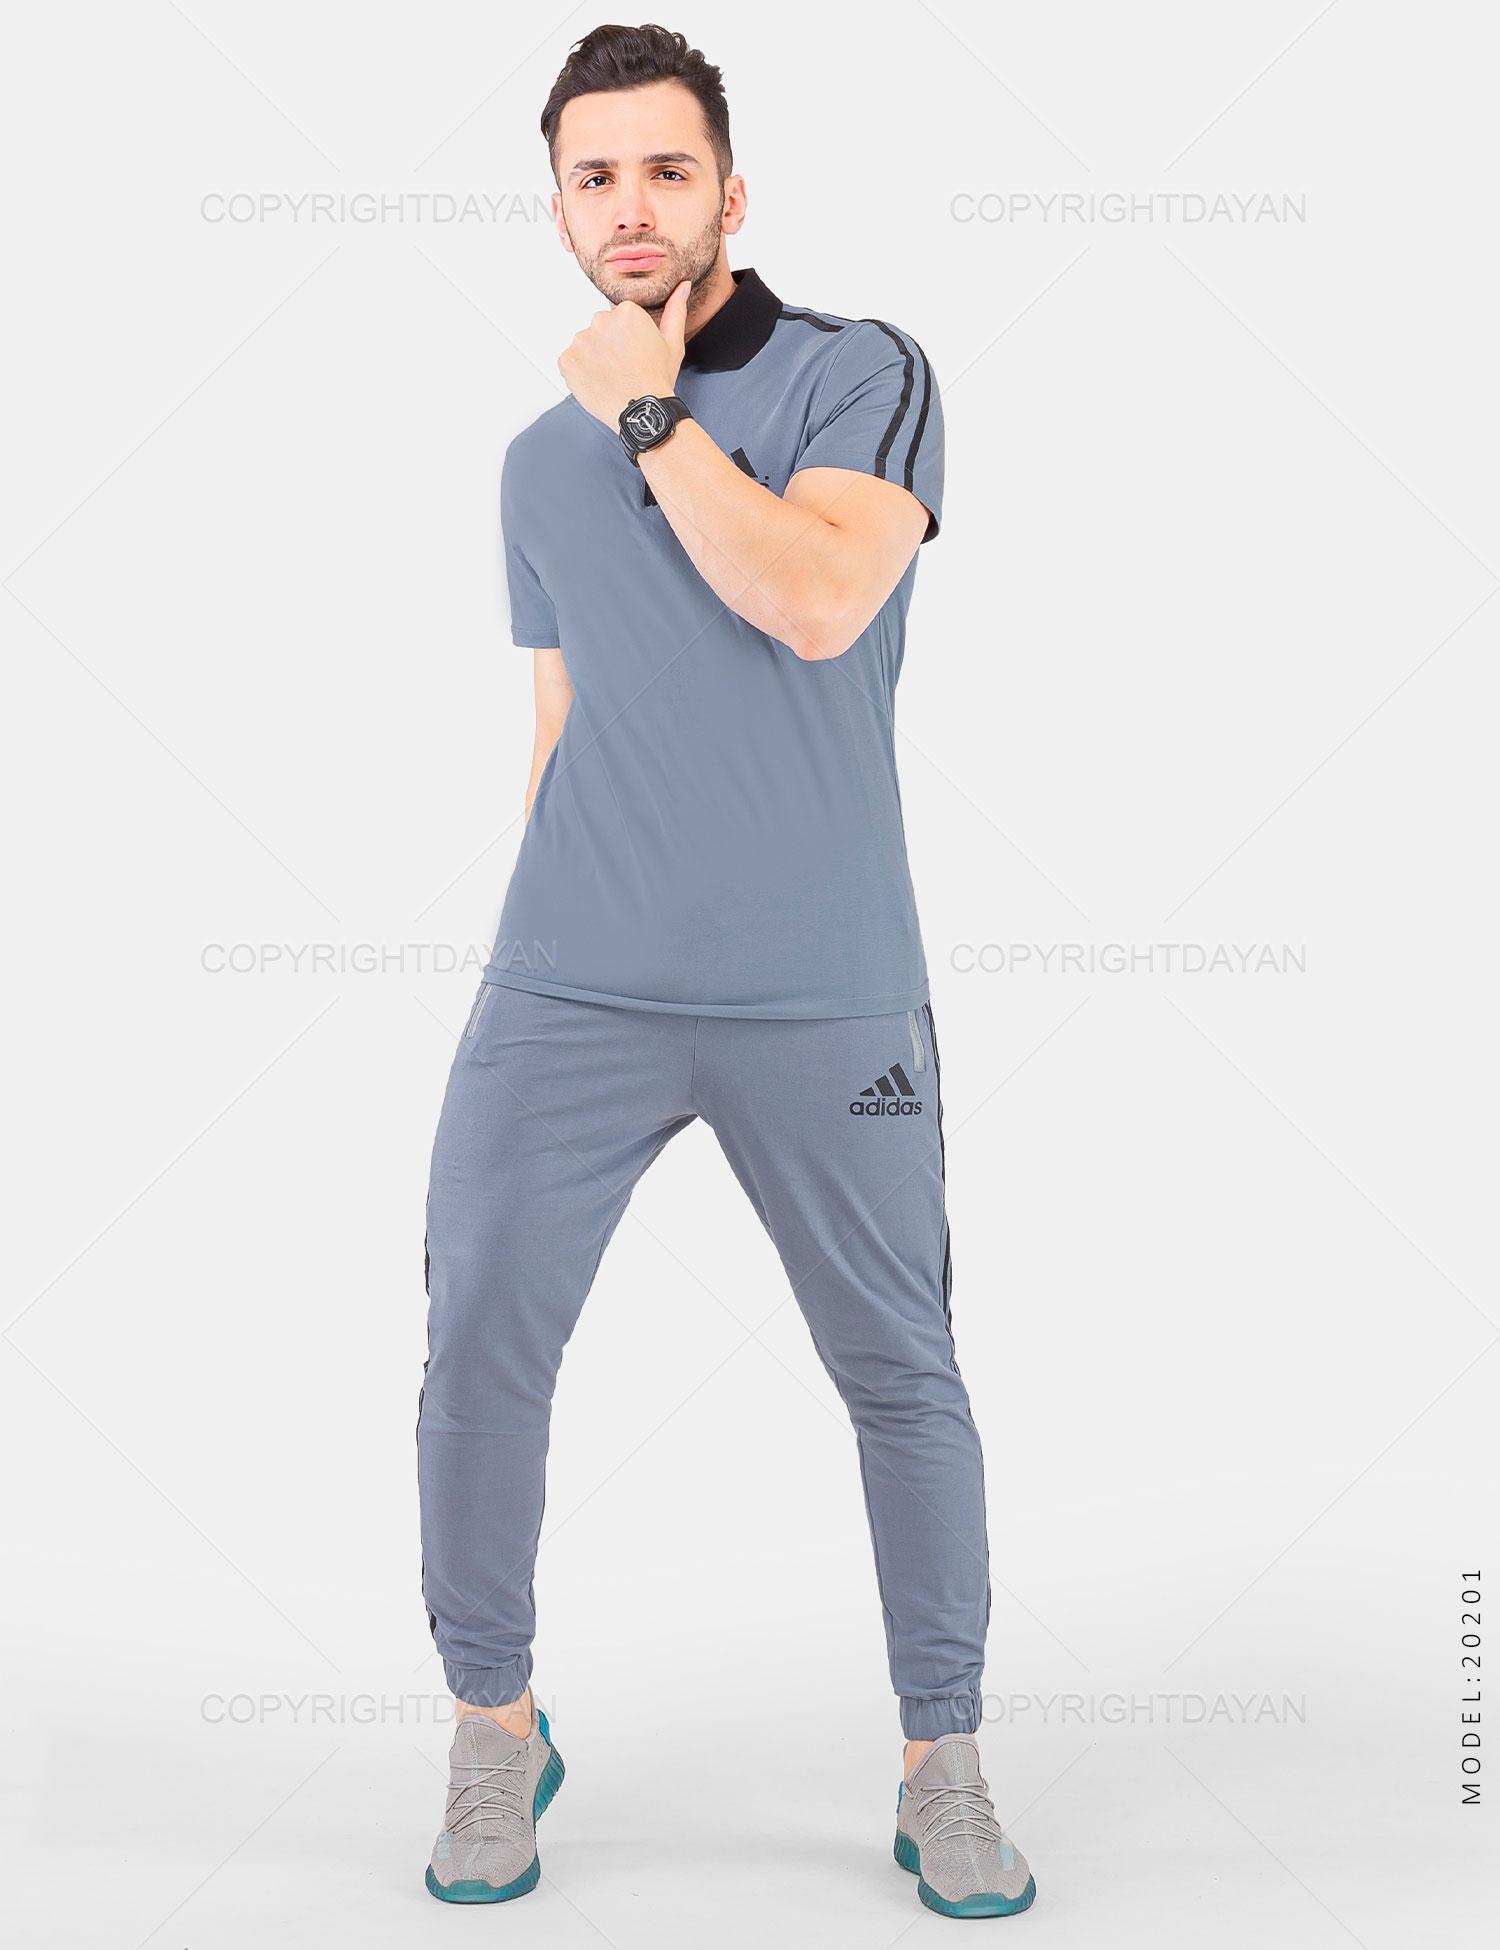 ست پولوشرت و شلوار مردانه Adidas مدل 20201